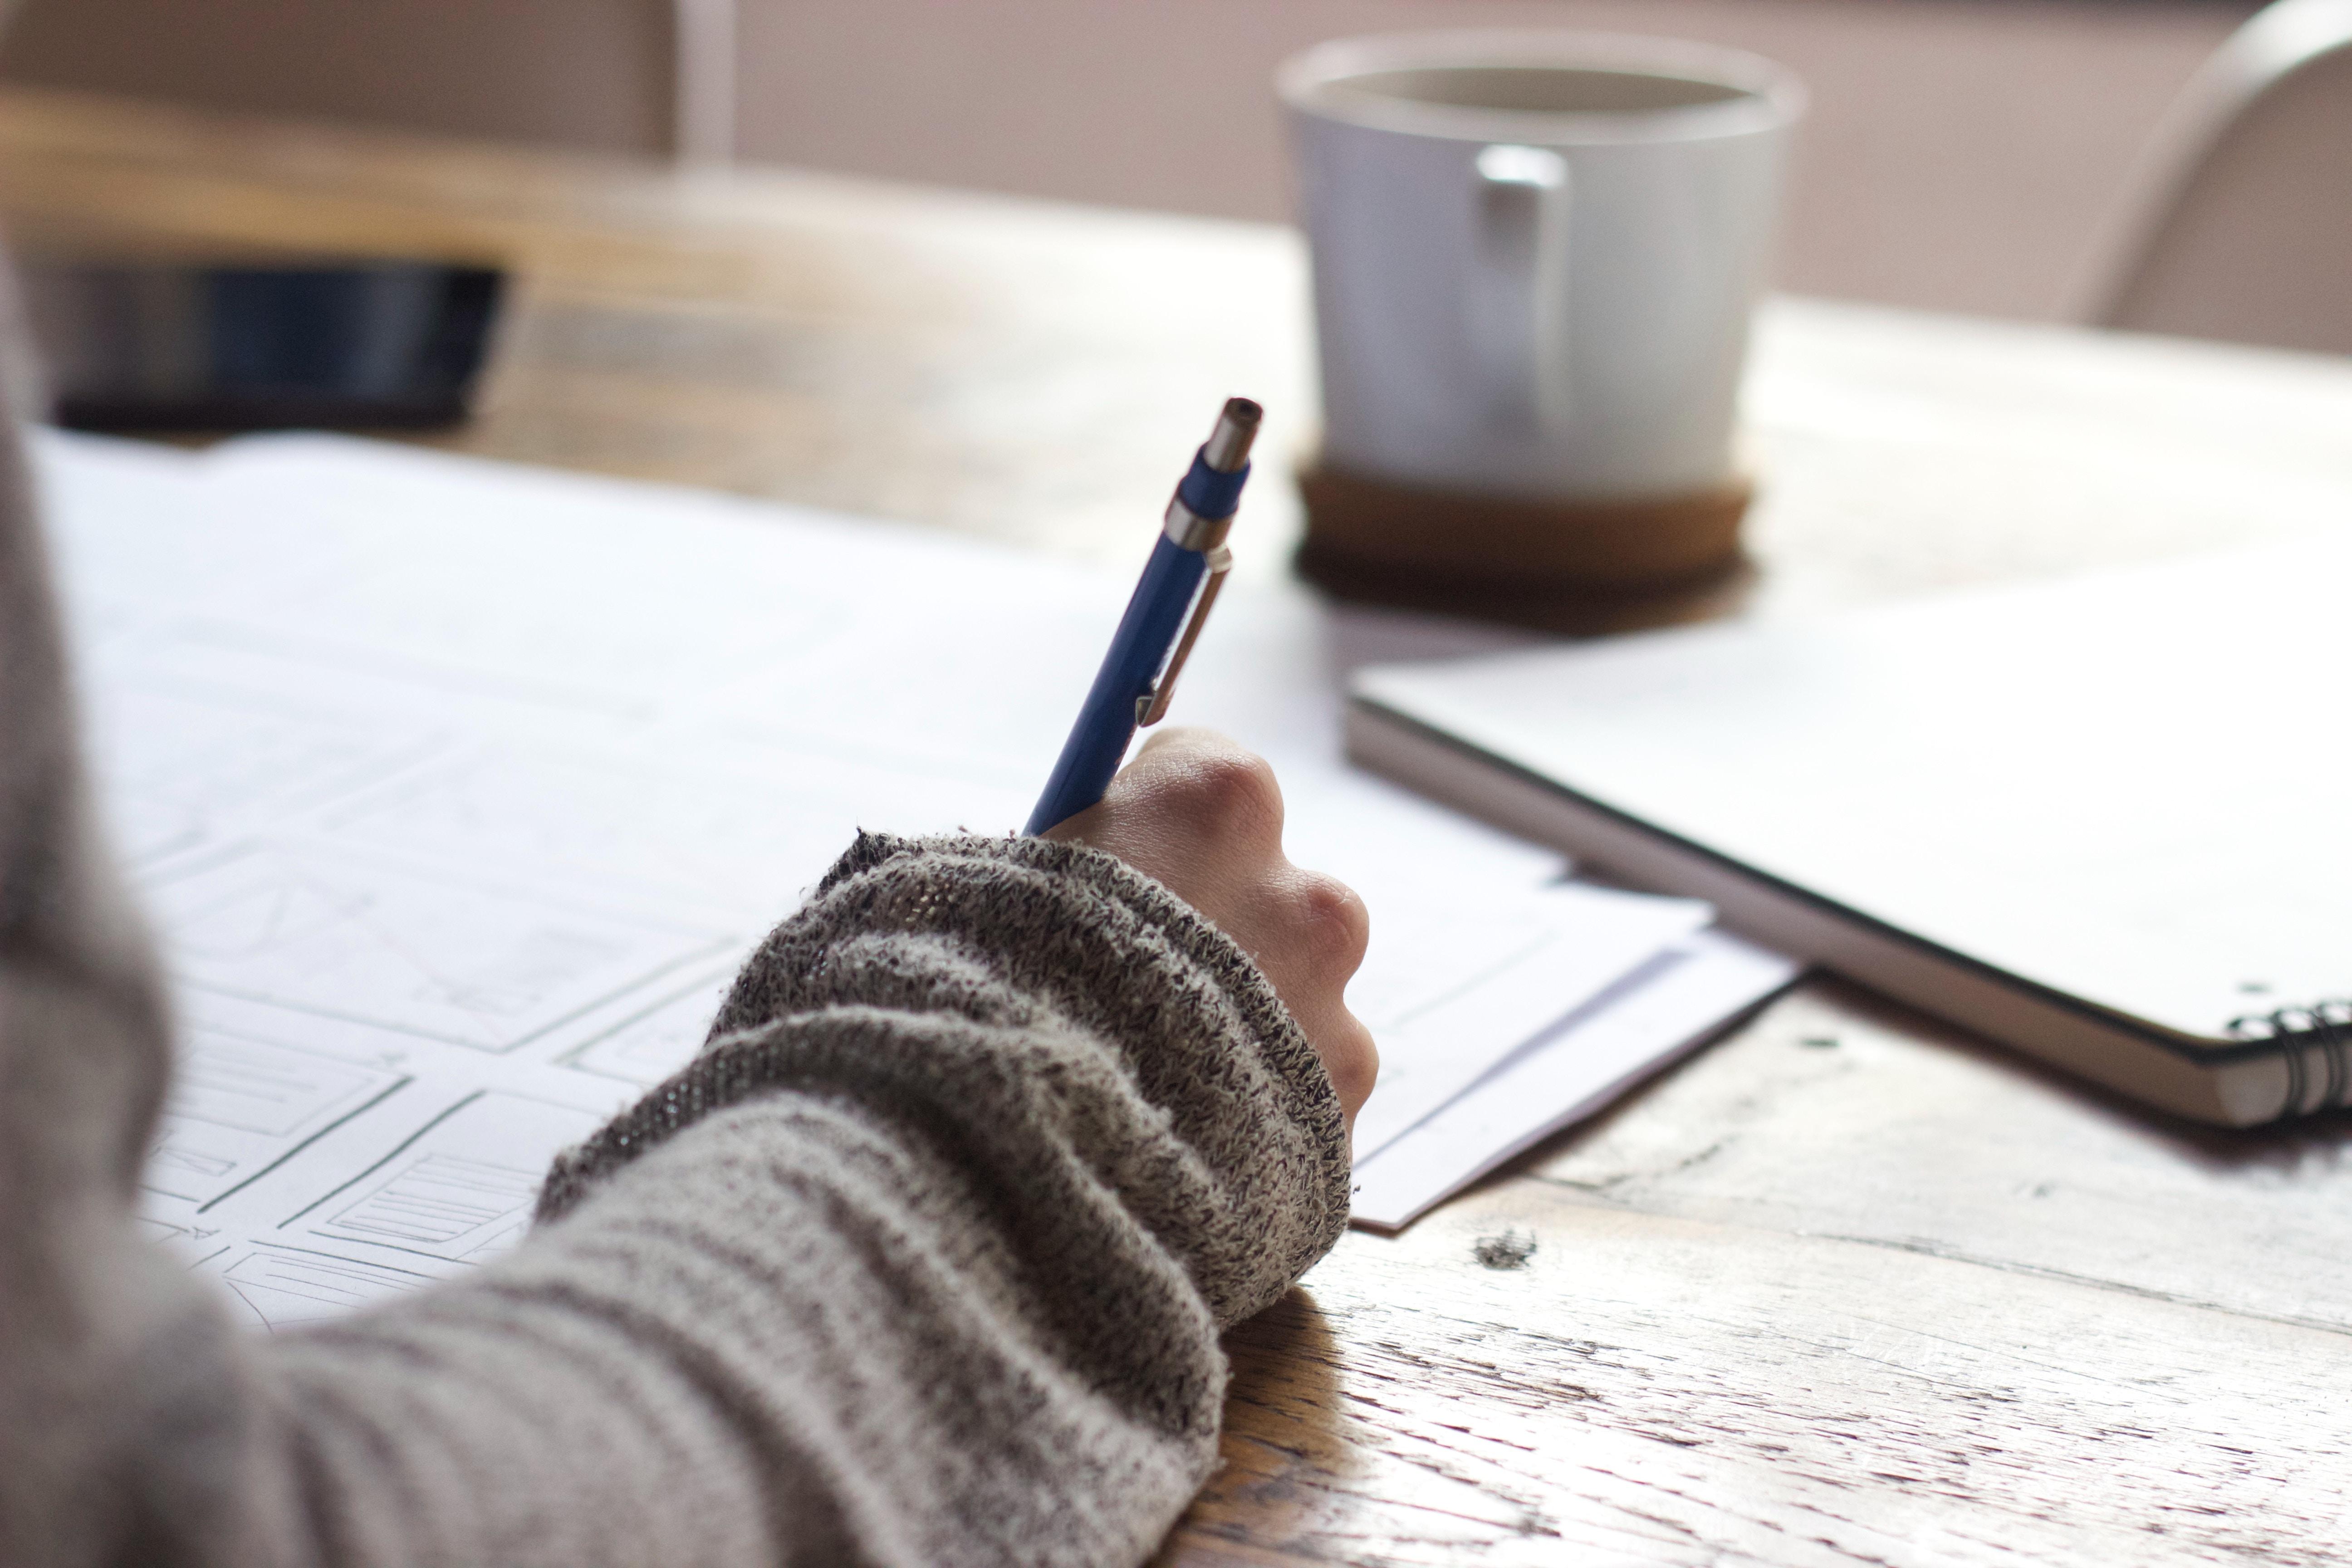 Hånd som skriver. Foto av Green Chameleon fra Unsplash.